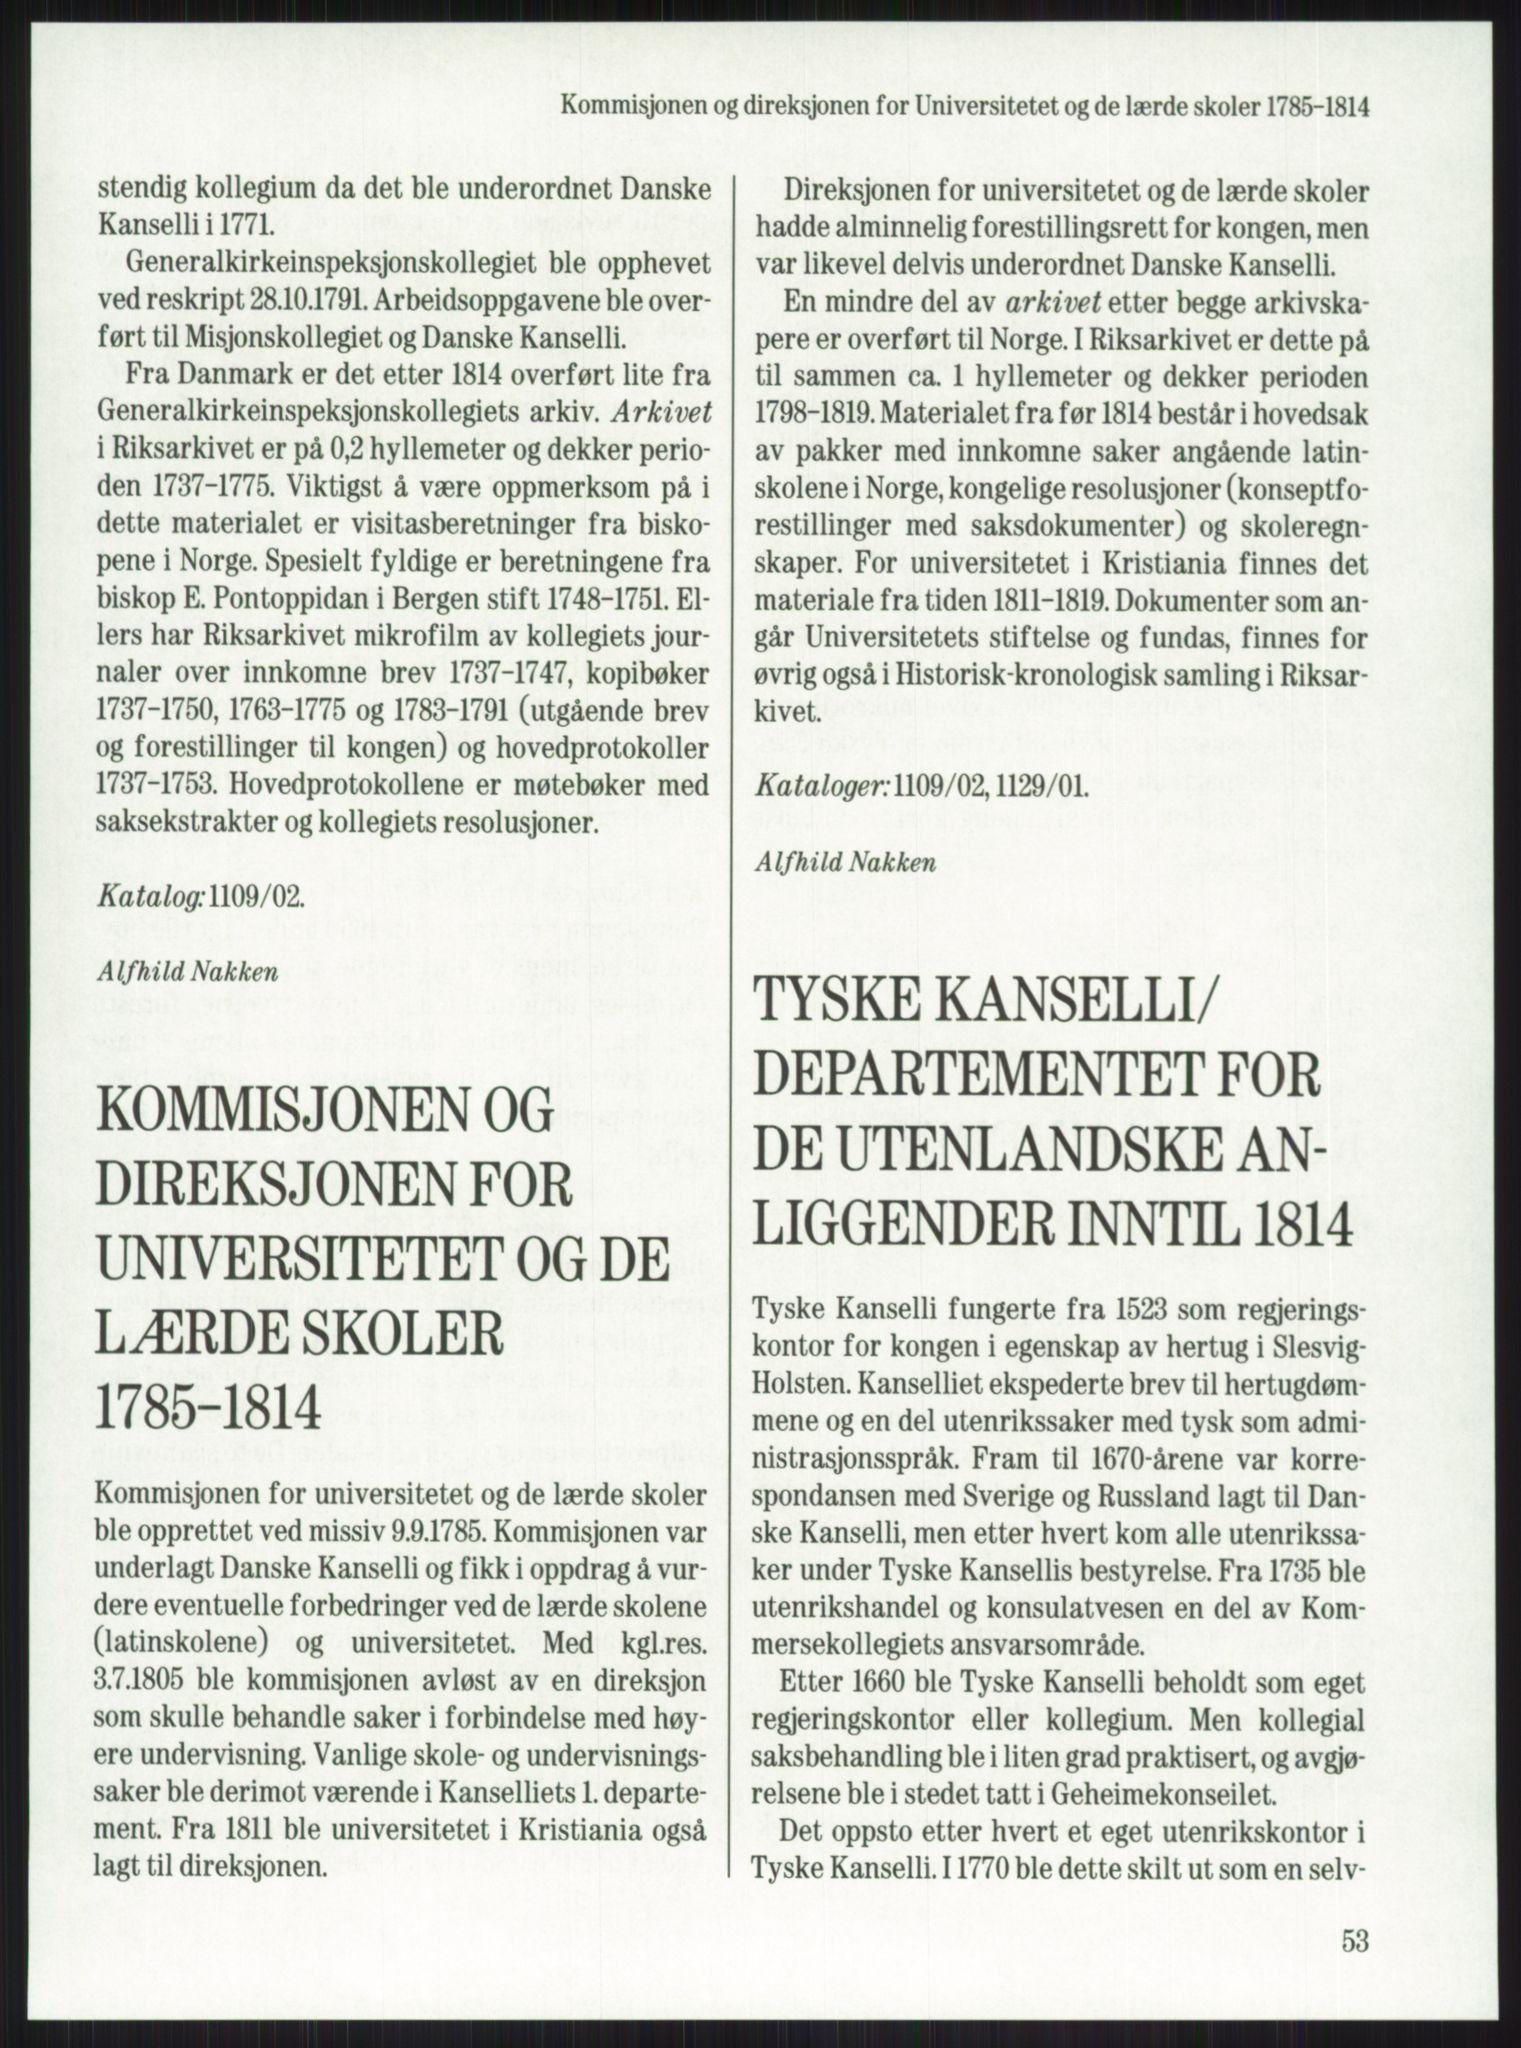 RA, Publikasjoner, -/-: Knut Johannessen, Ole Kolsrud og Dag Mangset (red.): Håndbok for Riksarkivet (1992), s. 53